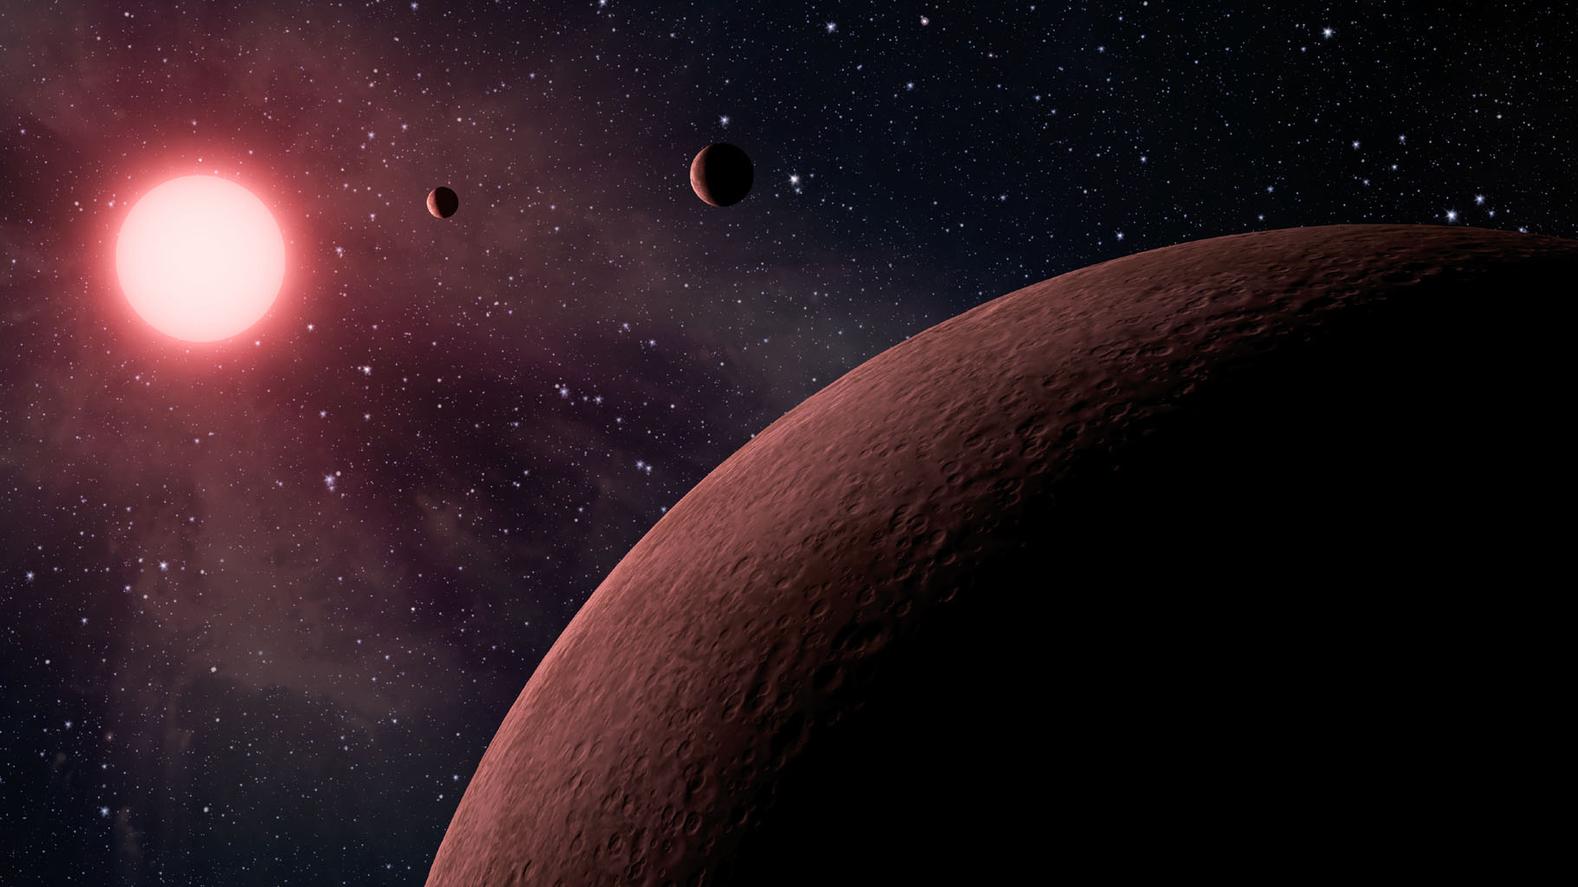 Many exoplanets may have no atmosphere at all - Image Credit:  NASA/JPL-Caltech